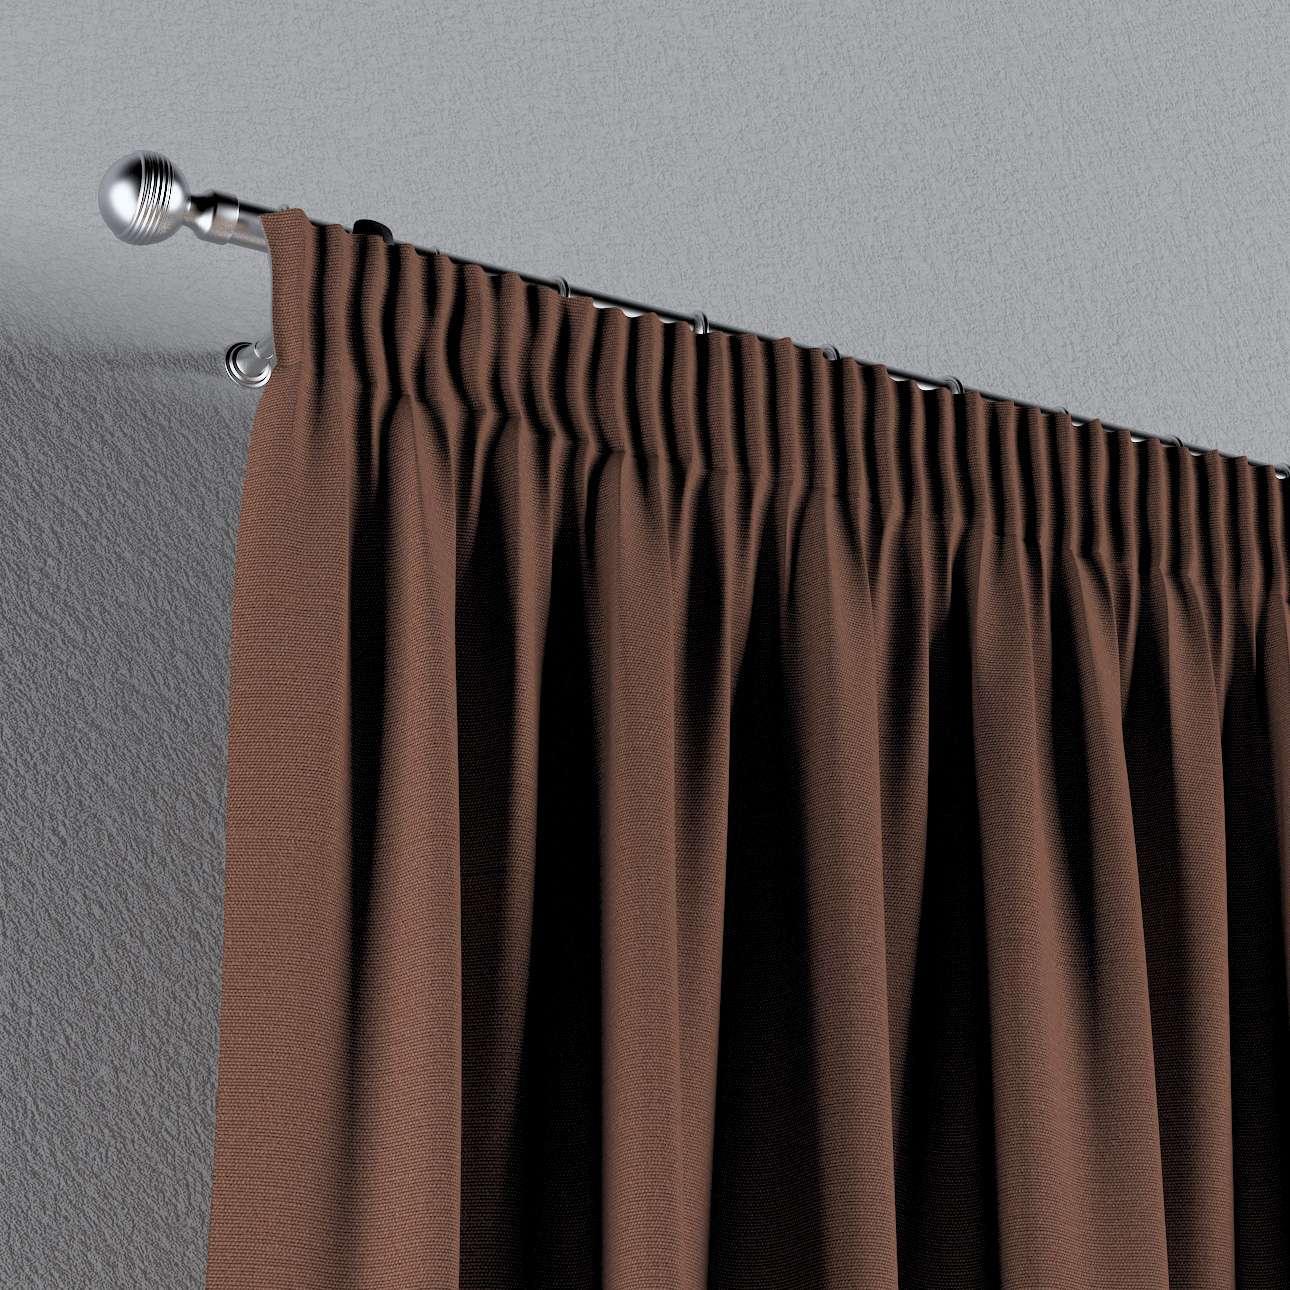 Záves na riasiacej páske 130 × 260 cm V kolekcii Loneta, tkanina: 133-09